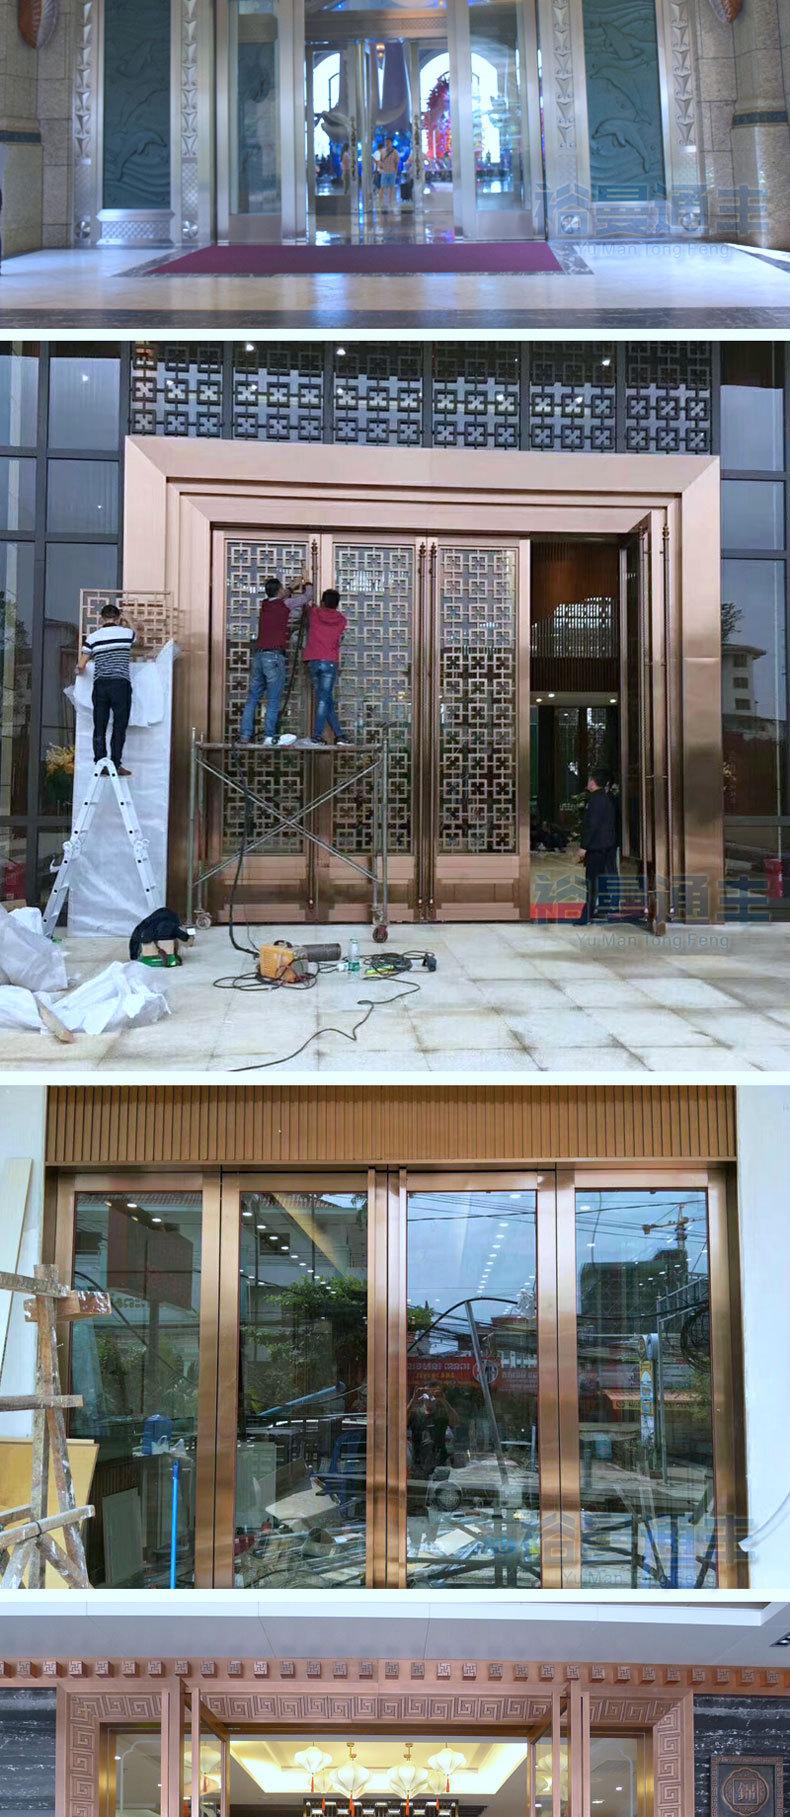 玻璃大门_酒店高档玫瑰金不锈钢钢化住宅小区入户大堂大门 - 阿里巴巴